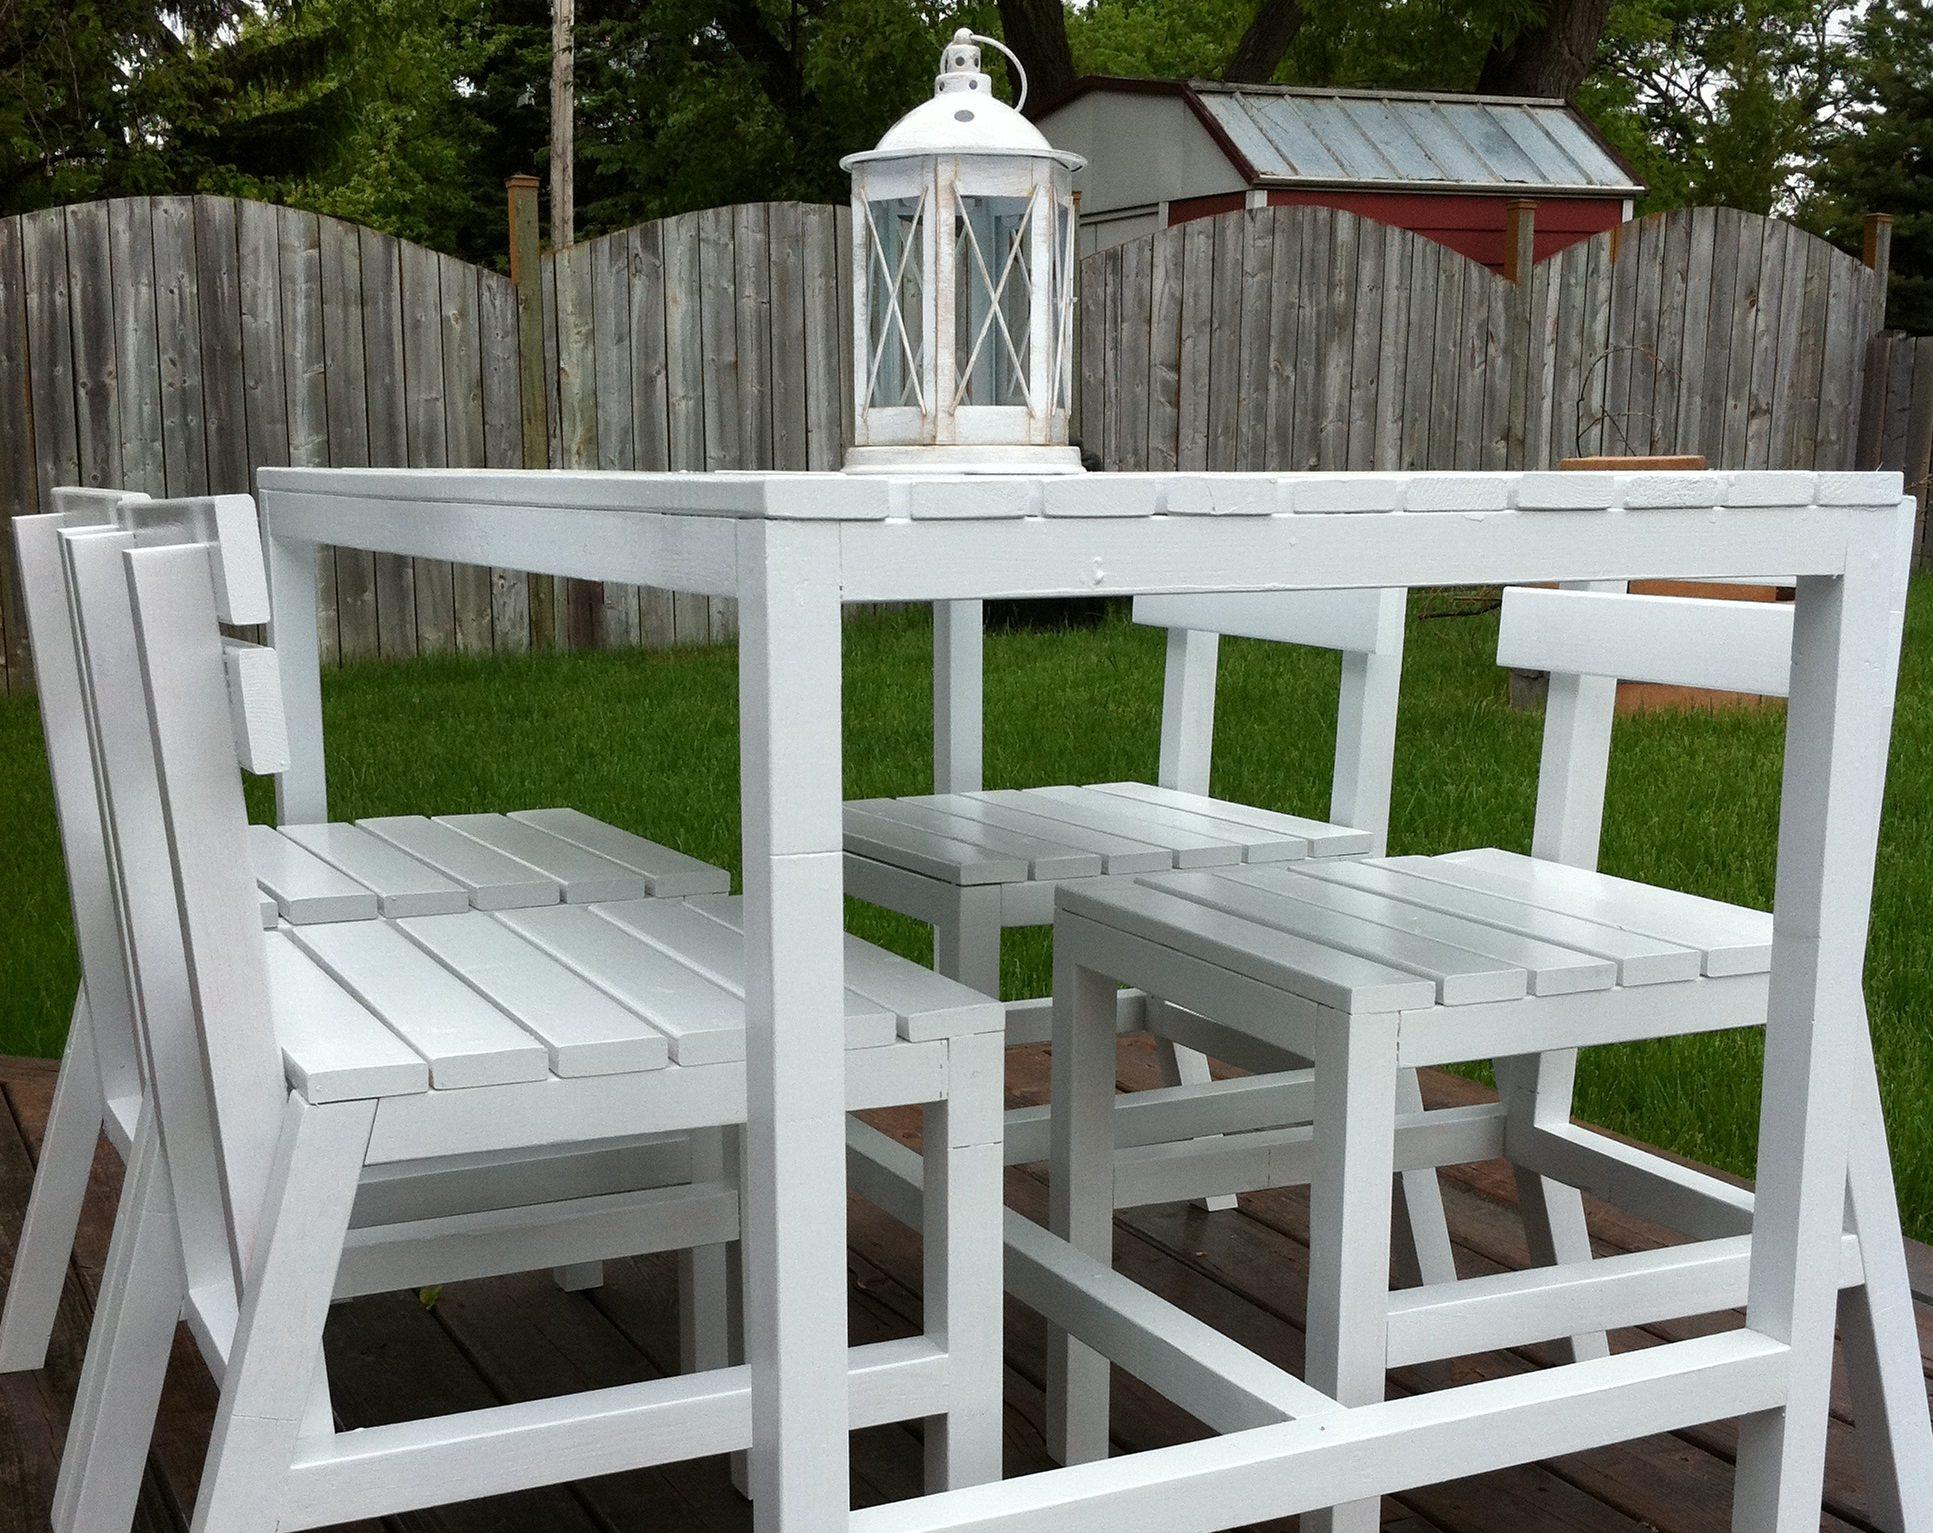 Napravite stolicu za vrtnu garnituru  Uredite Dom